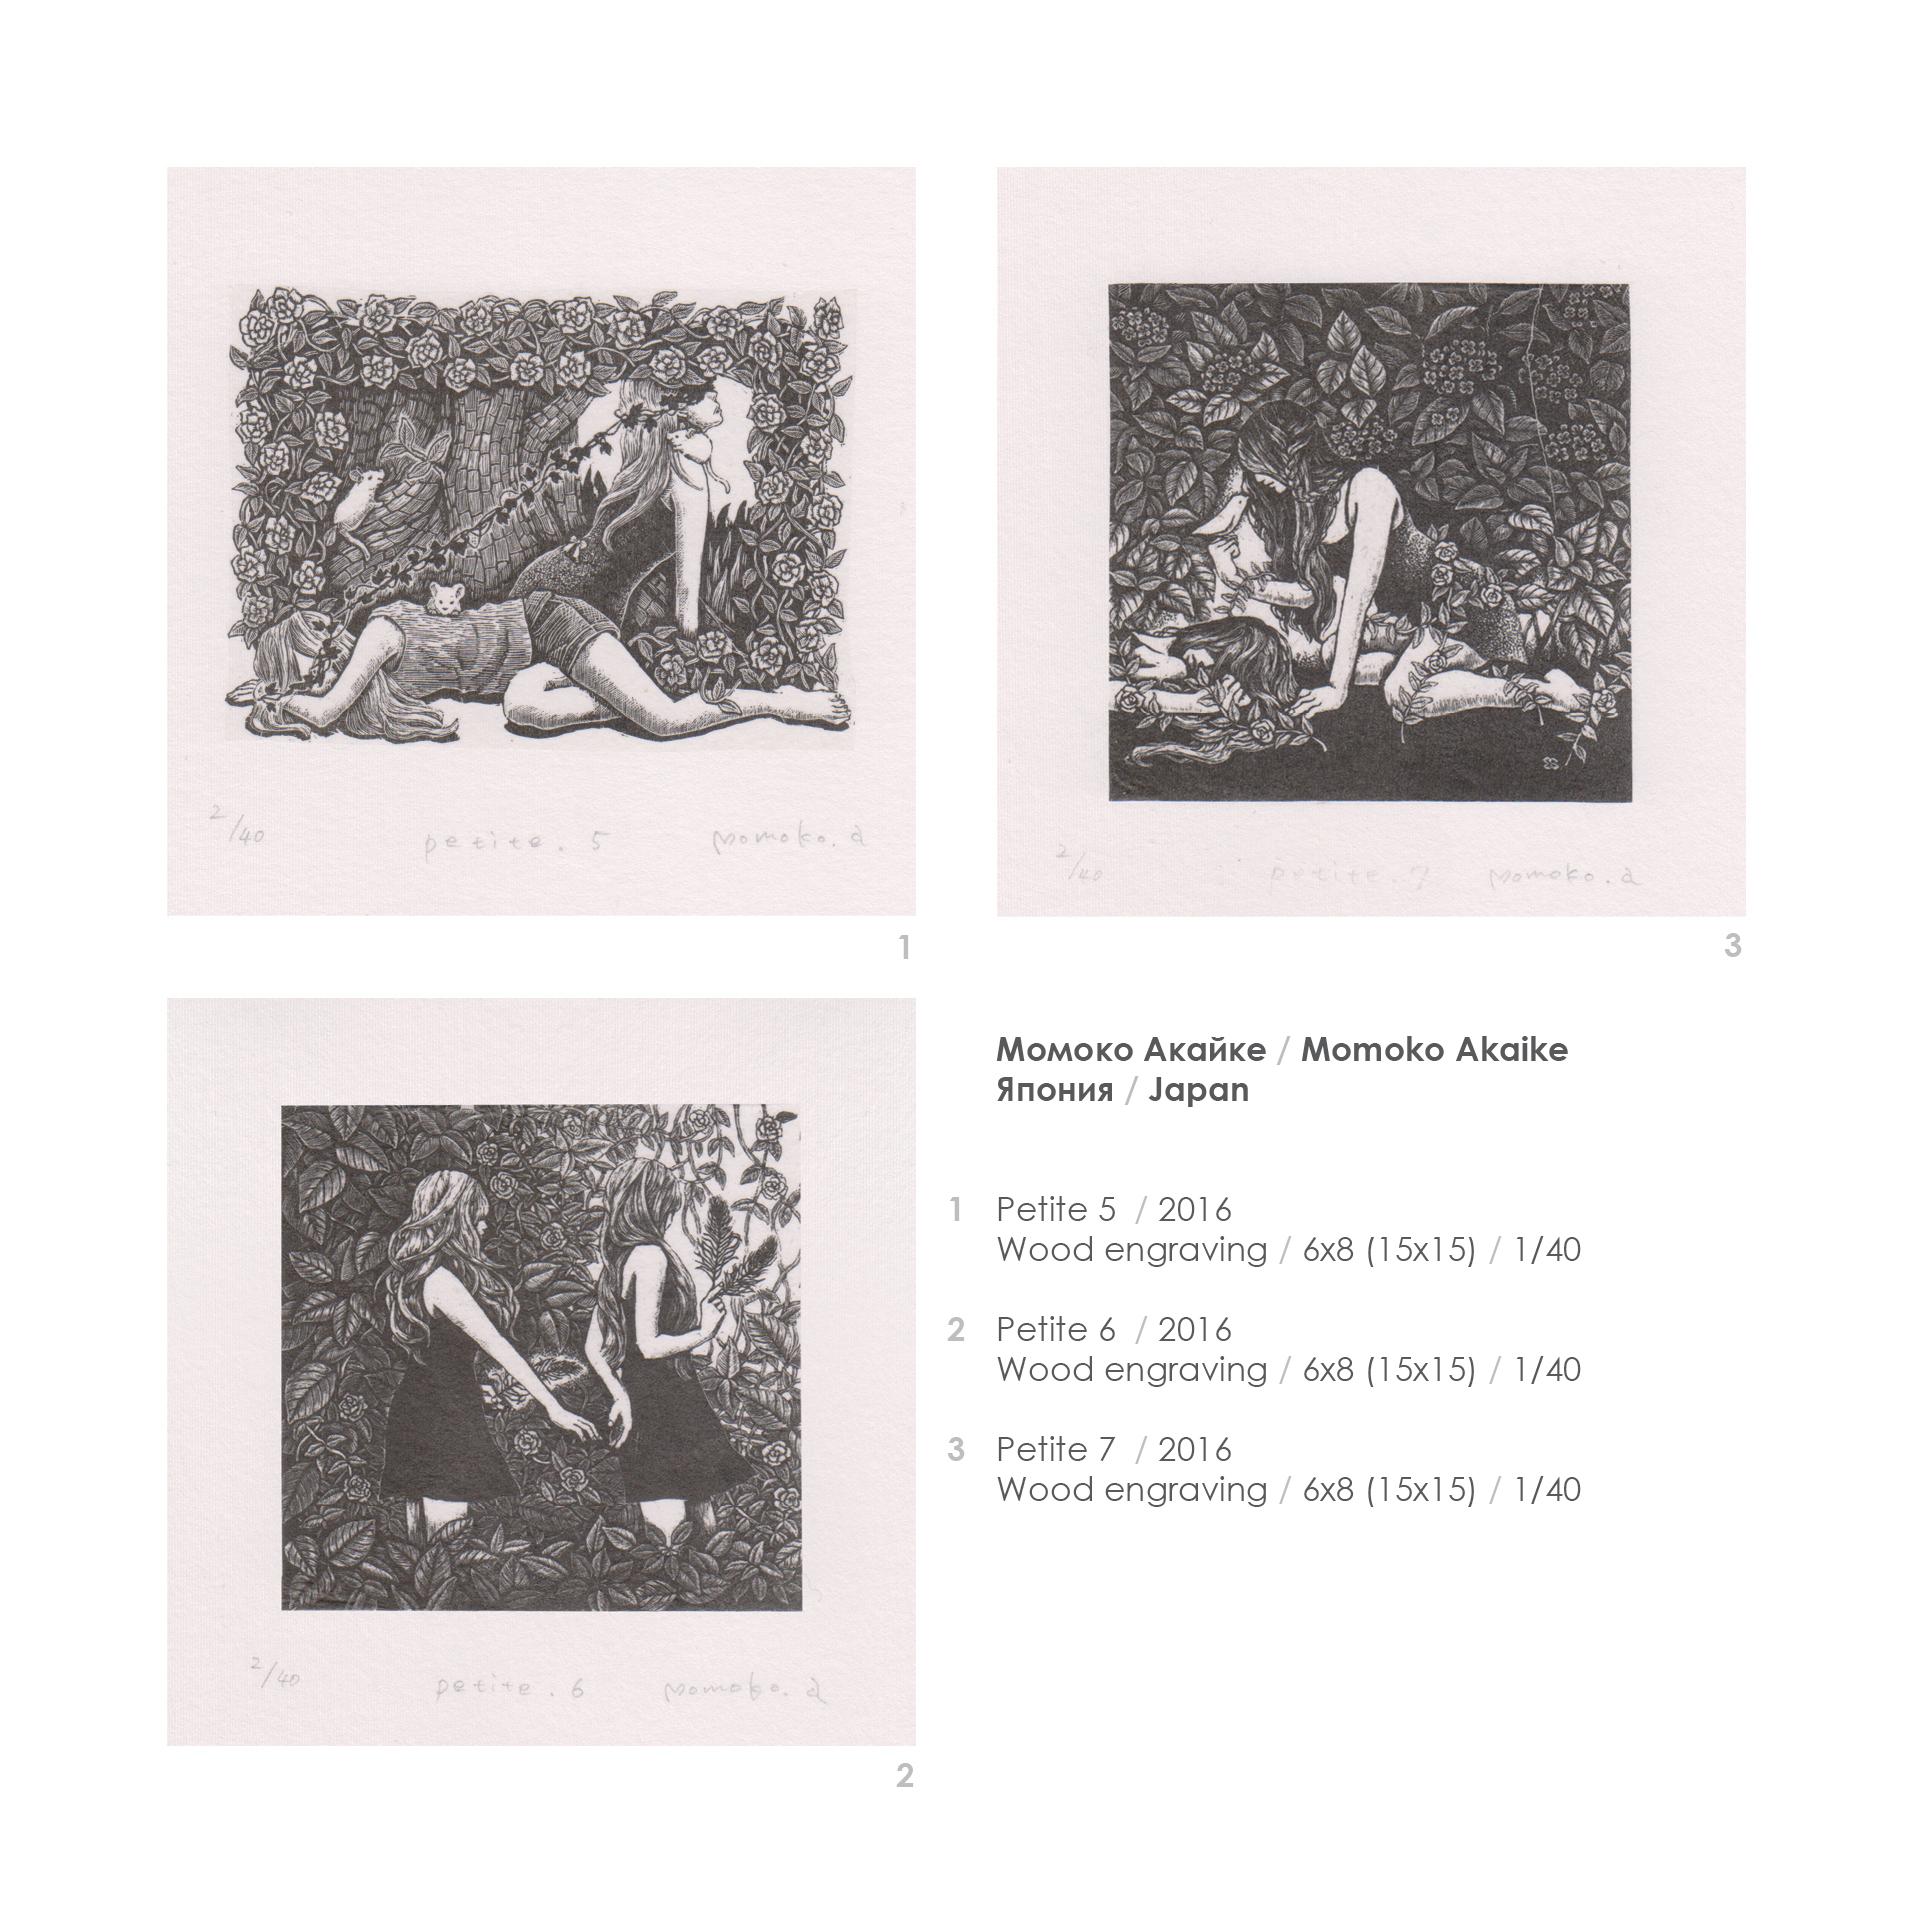 images11.jpg.jpg